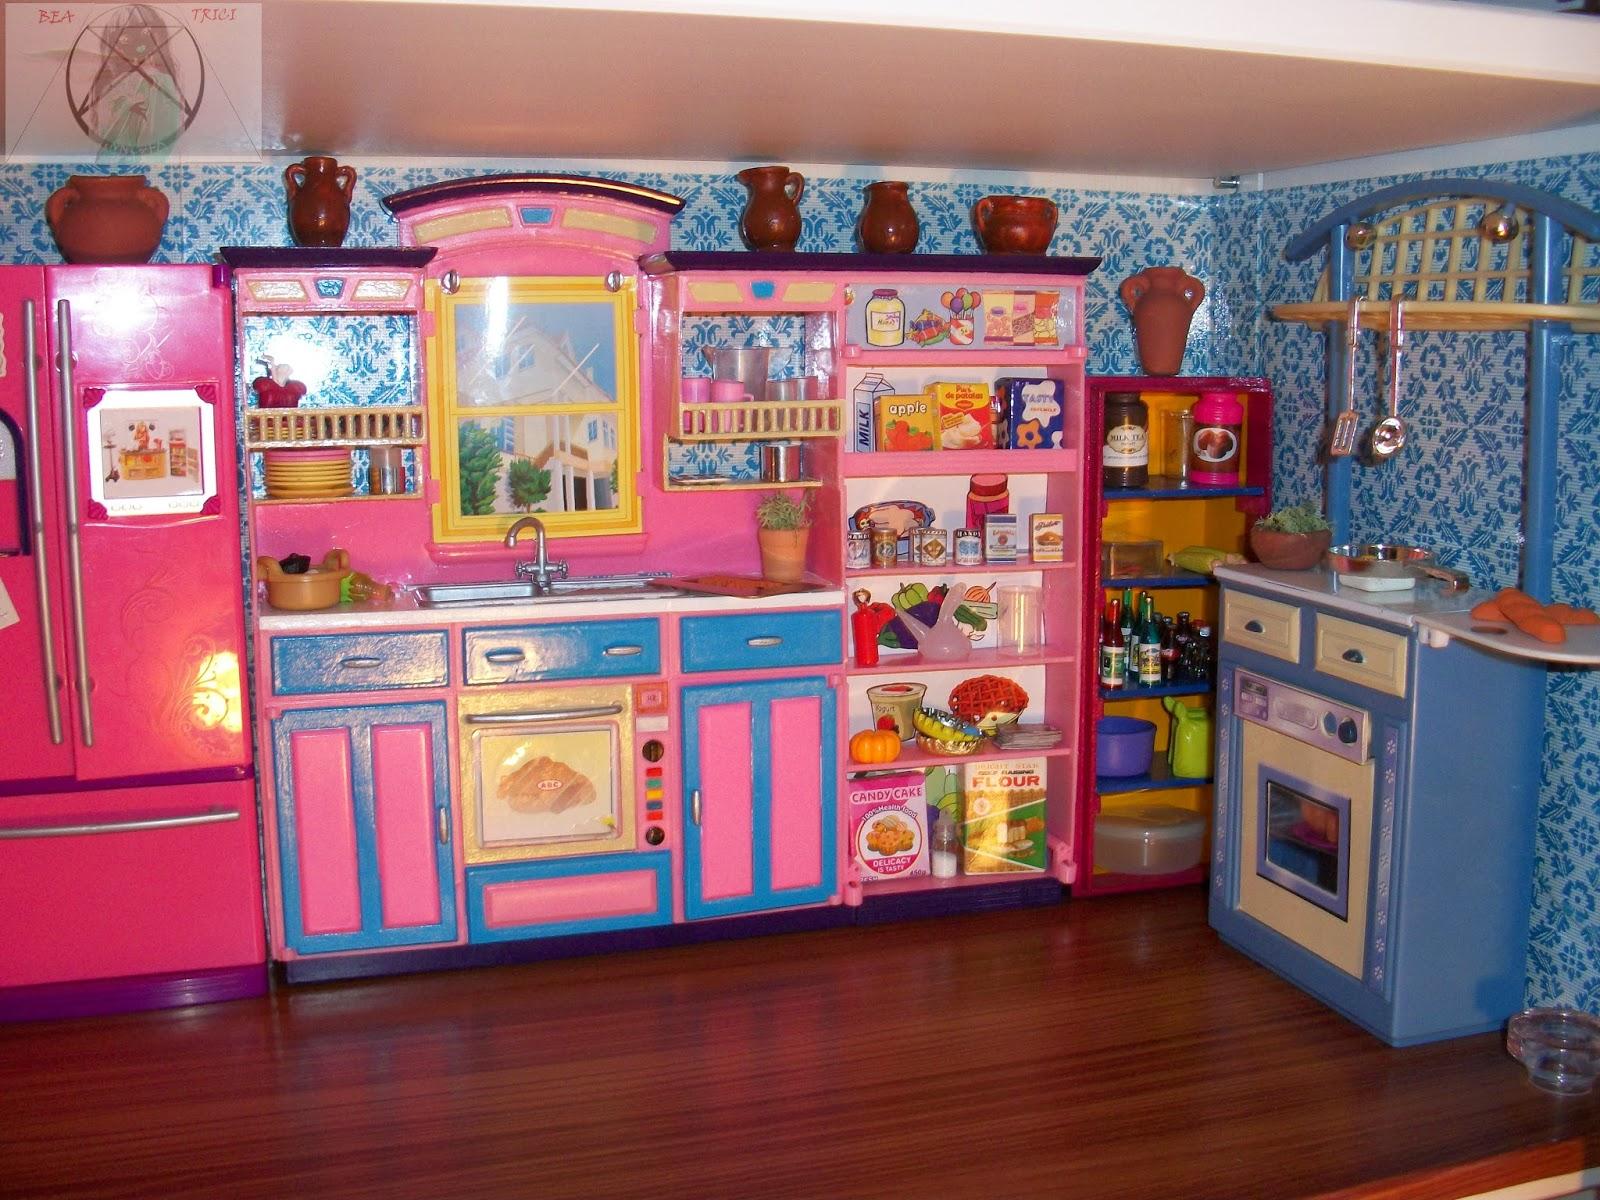 Como hacer cocina de madera juguete la idea - Hacer cocinita de juguete ...